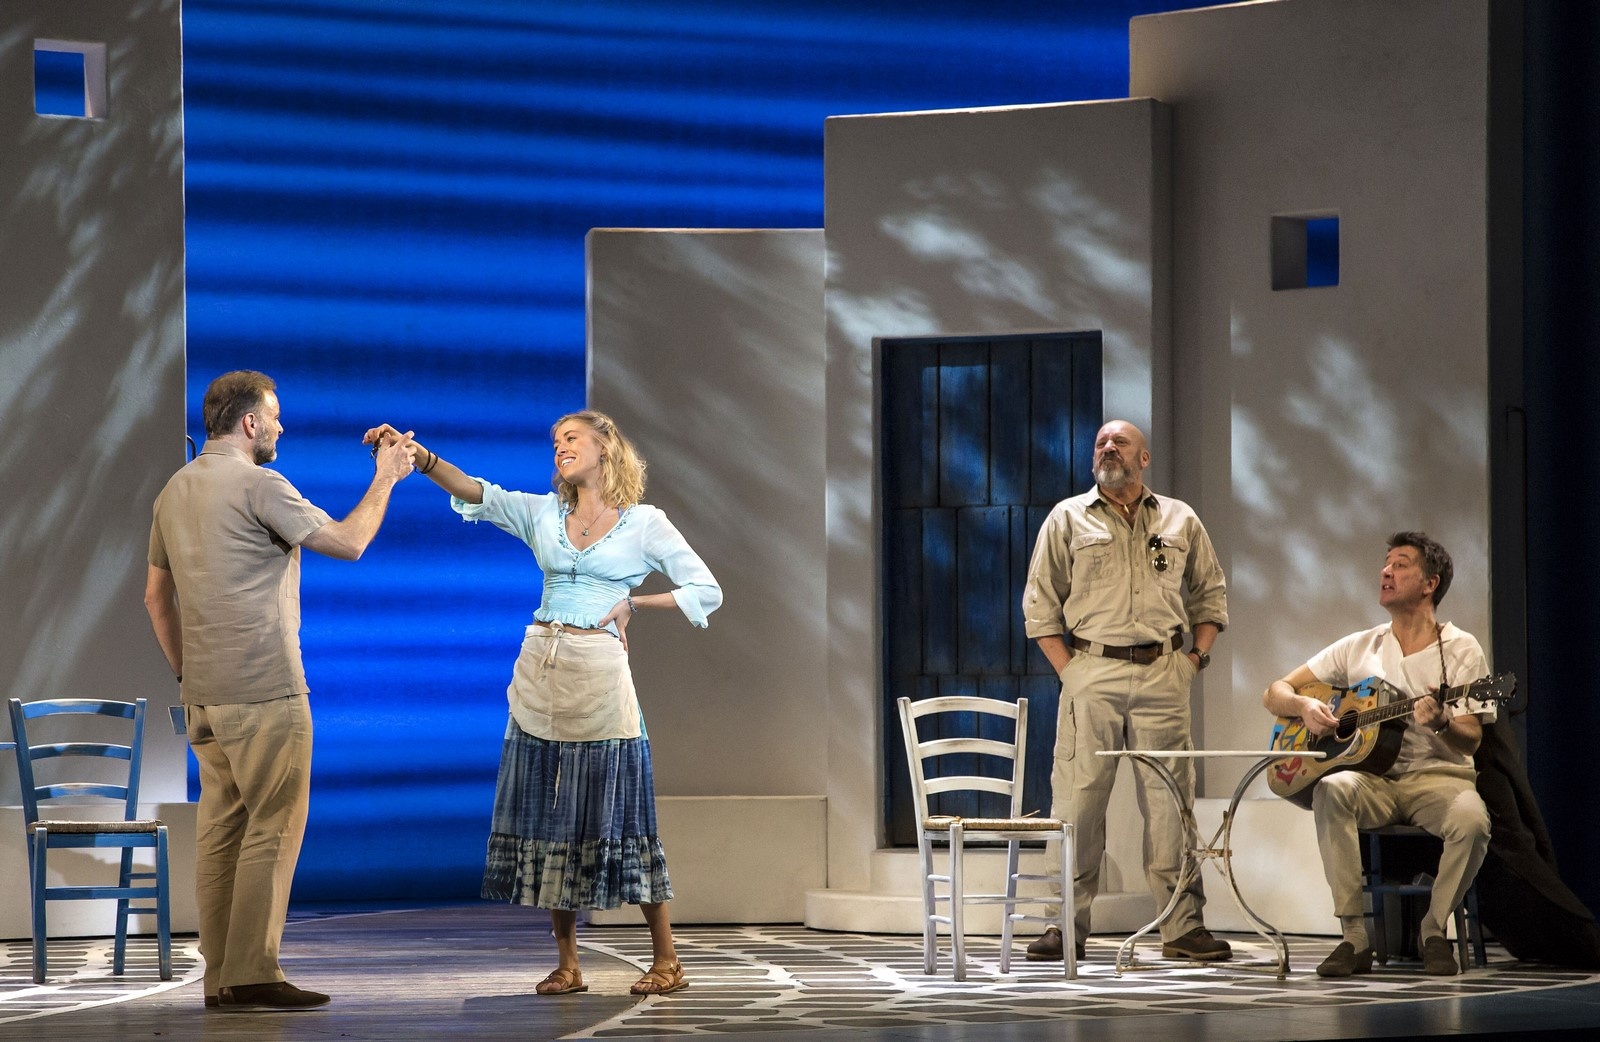 Anmeldelse: Mamma Mia!, Tivoli (PER SE ApS)